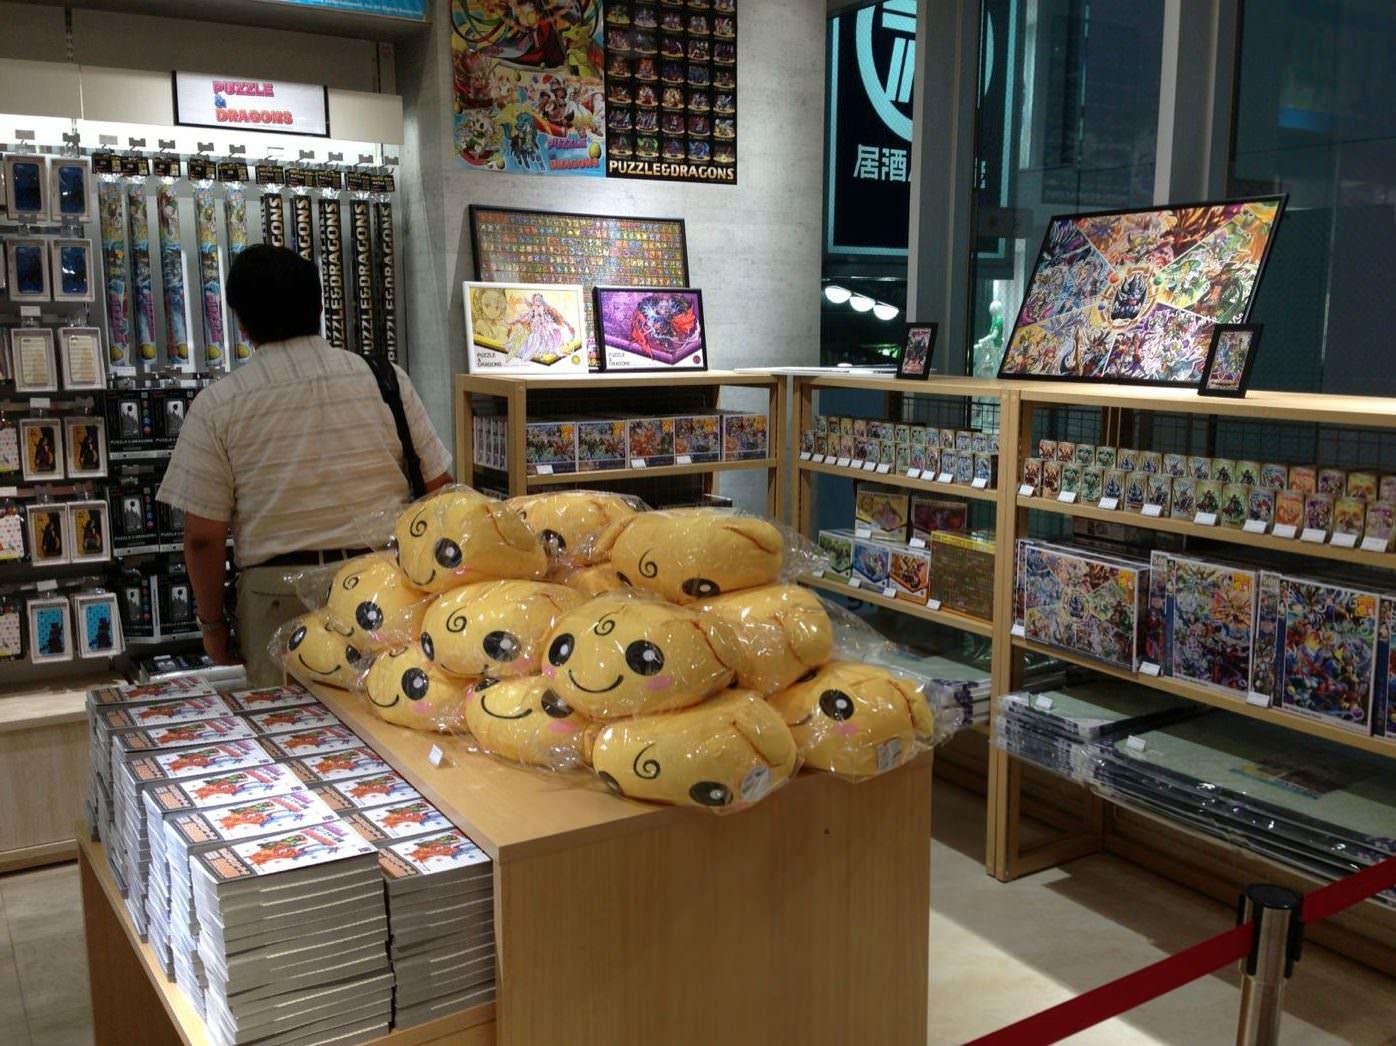 AppBank Store 新宿のパズドラグッズラインナップ